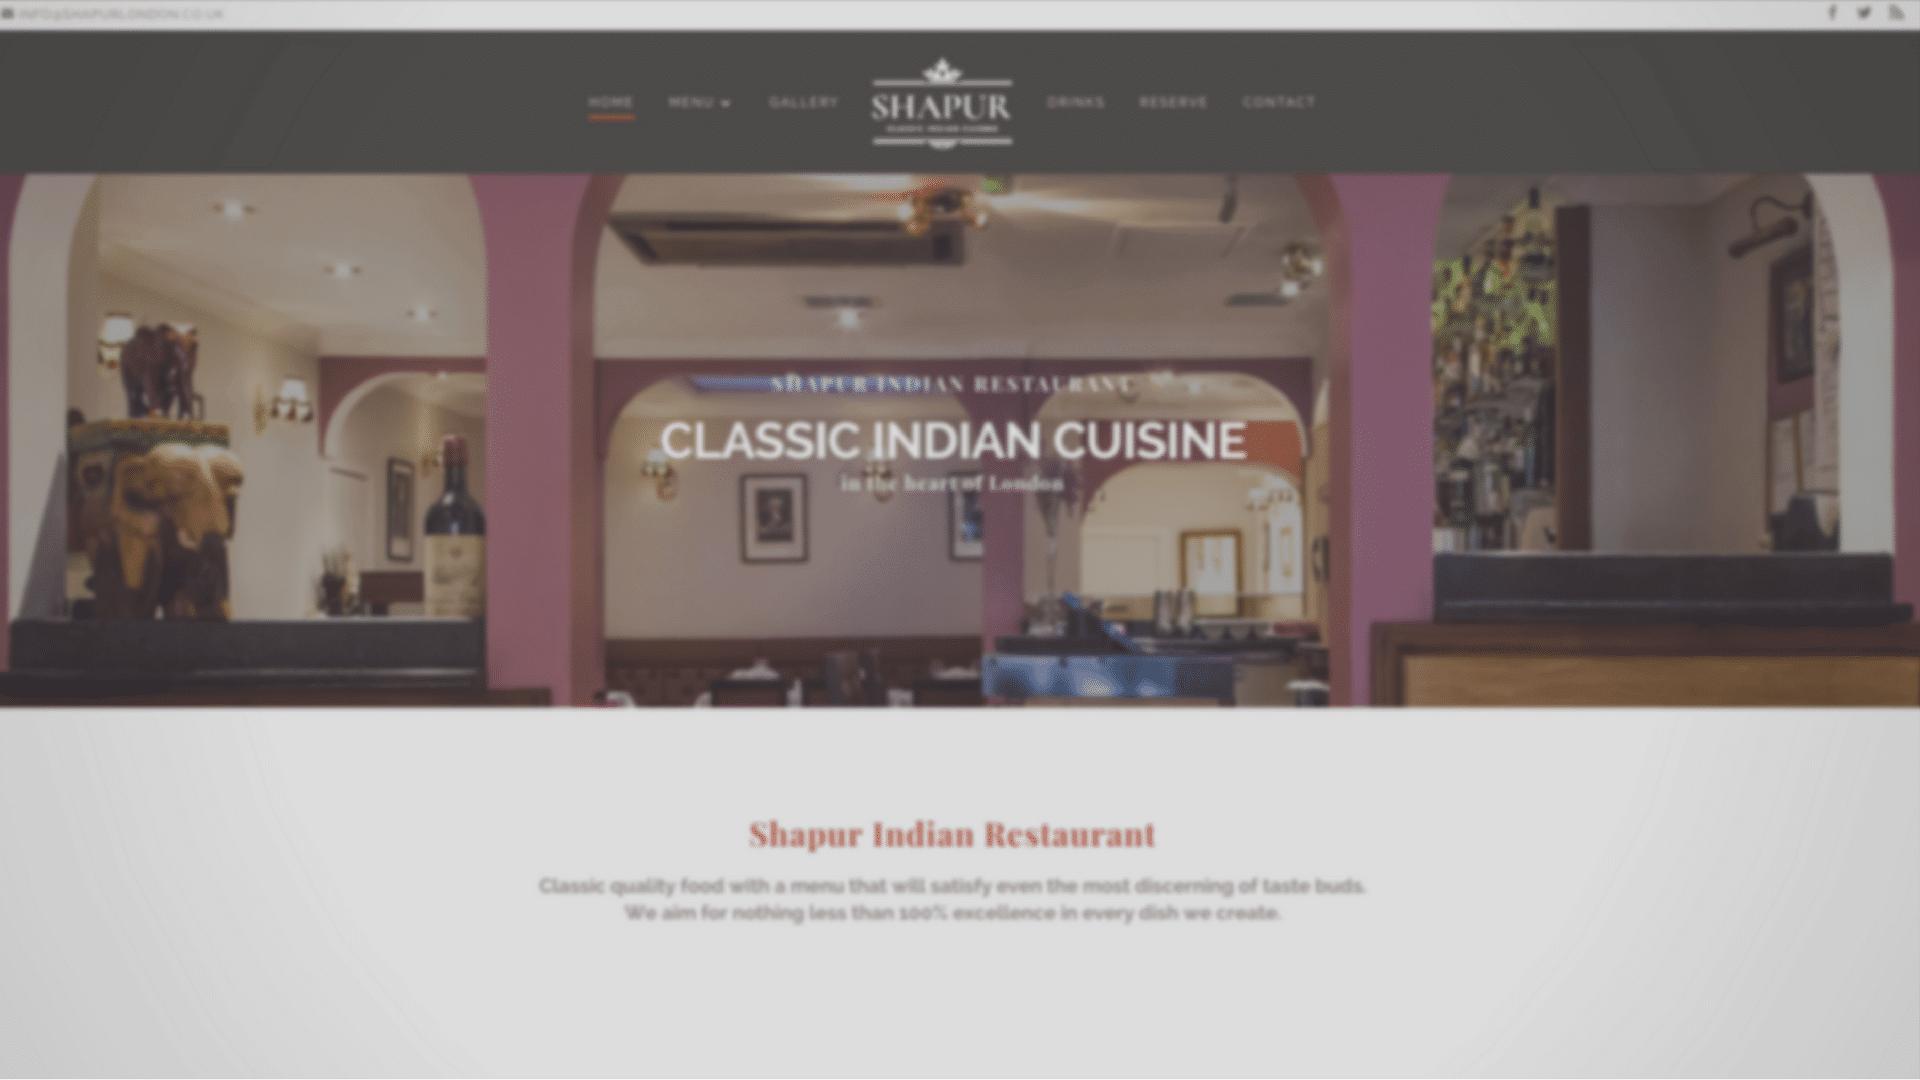 Website design for Indian Restaurant